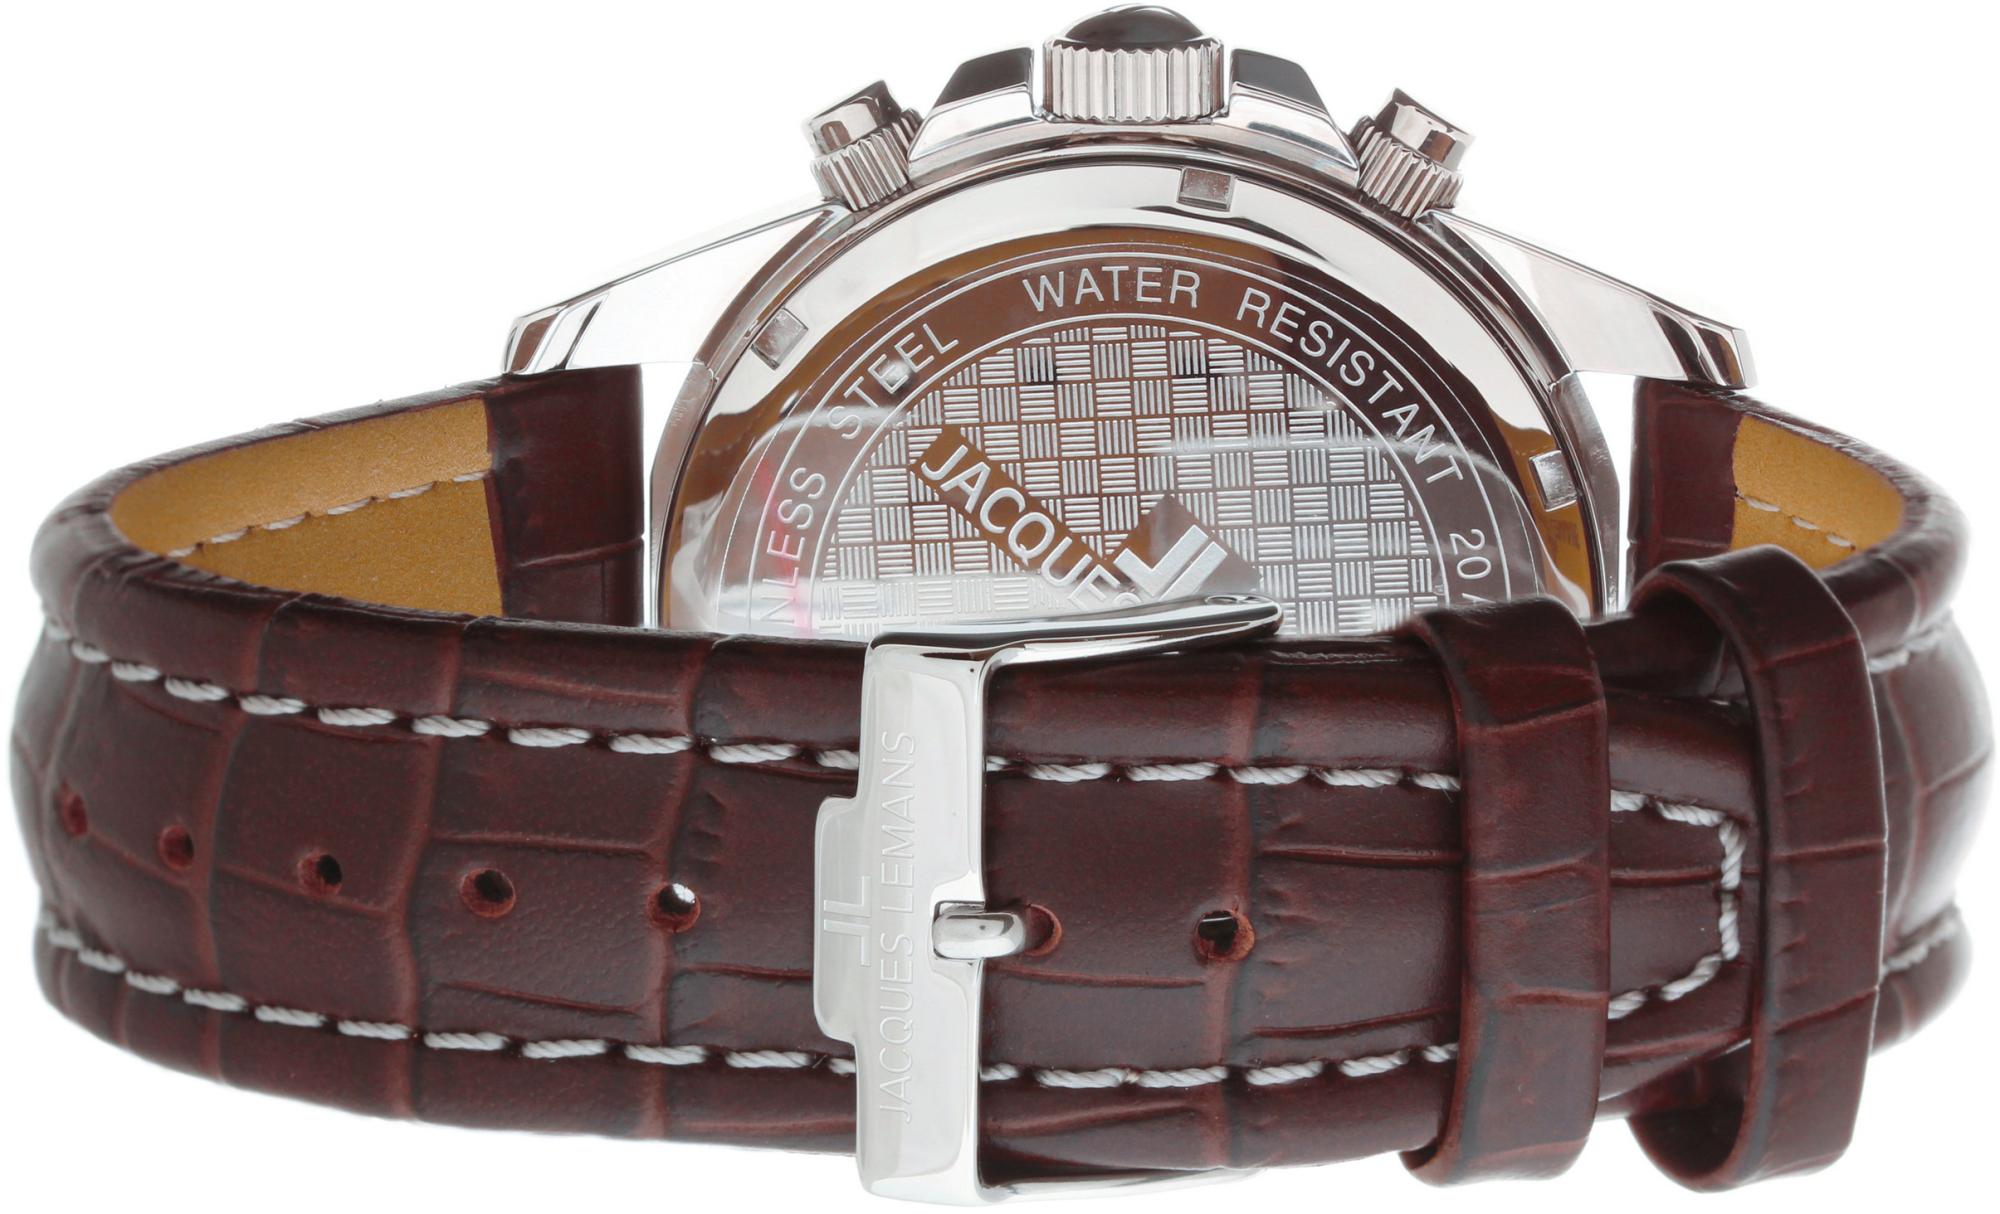 Jacques Lemans Liverpool 1-1117WNНаручные часы<br>Австрийские часы Jacques Lemans Liverpool 1-1117WN<br><br>Пол: Мужские<br>Страна-производитель: Австрия<br>Механизм: Кварцевый<br>Материал корпуса: Сталь<br>Материал ремня/браслета: Кожа<br>Водозащита, диапазон: None<br>Стекло: Минеральное<br>Толщина корпуса: None<br>Стиль: None